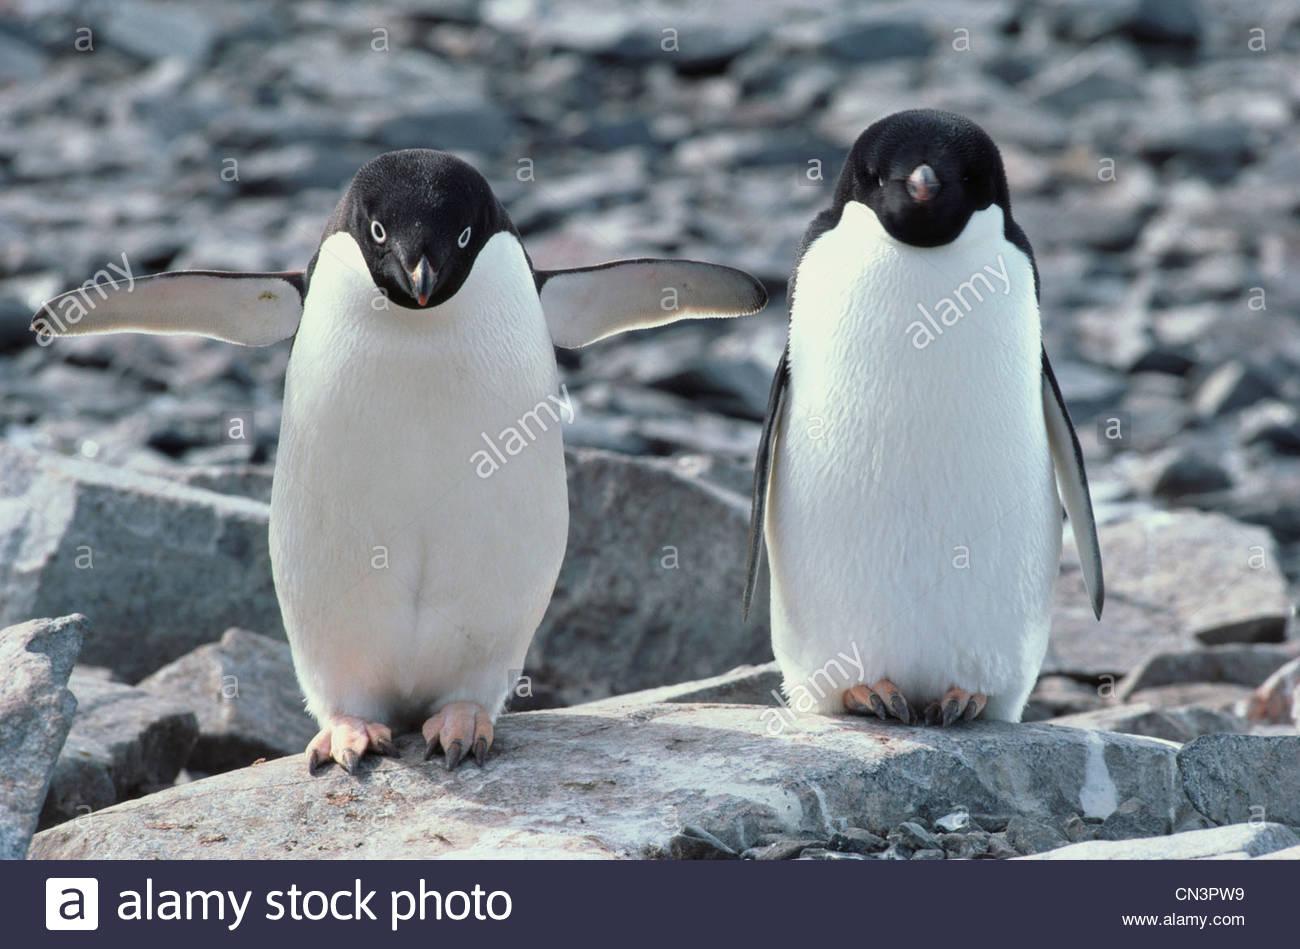 Par de pingüinos Adelia, la Antártida Imagen De Stock